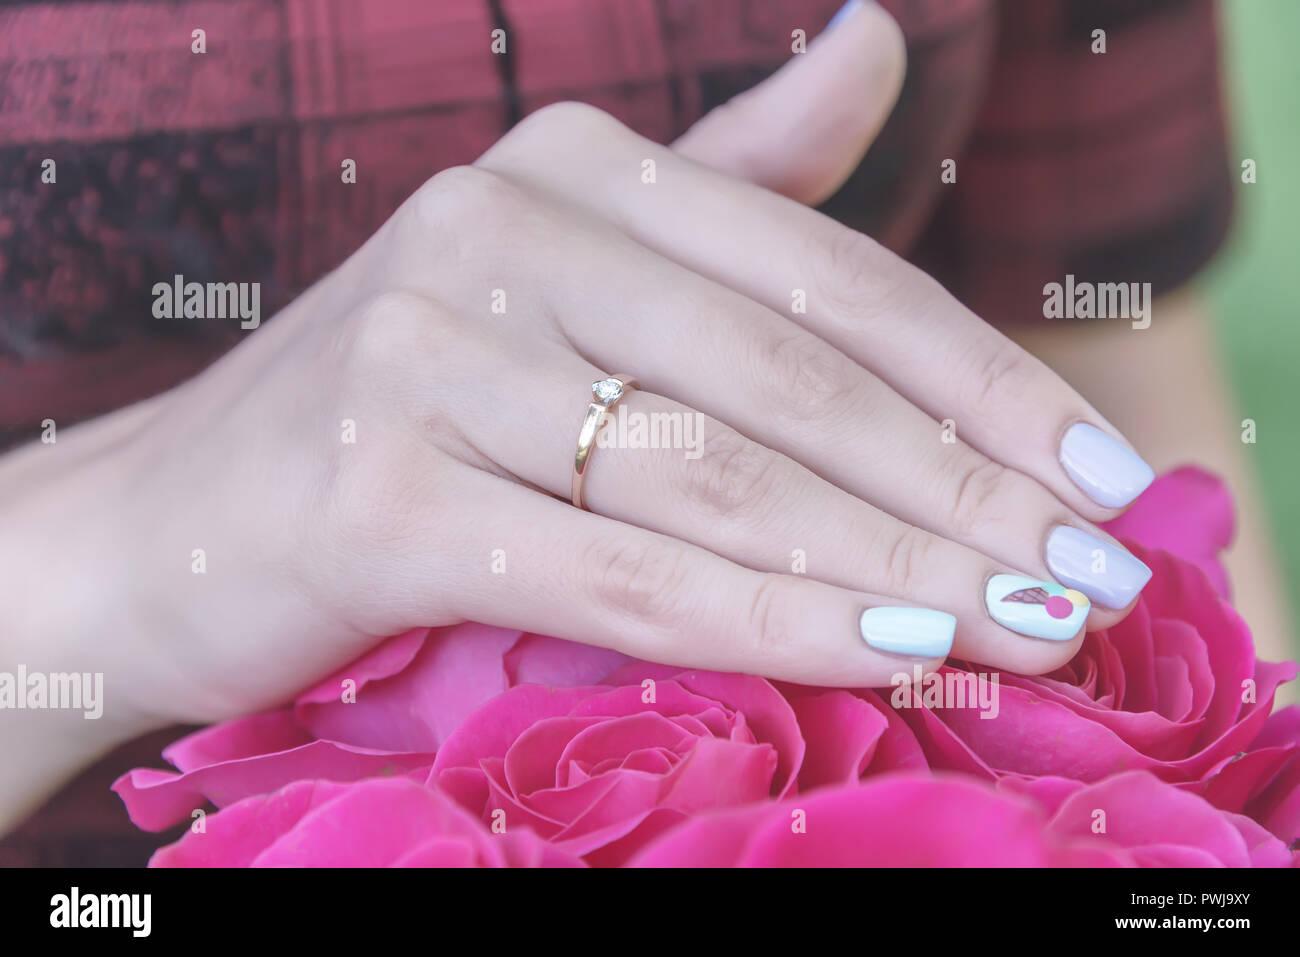 Girls Hand Auf Einen Strauß Rosen Ein Angebot Der Ehe Stockfoto